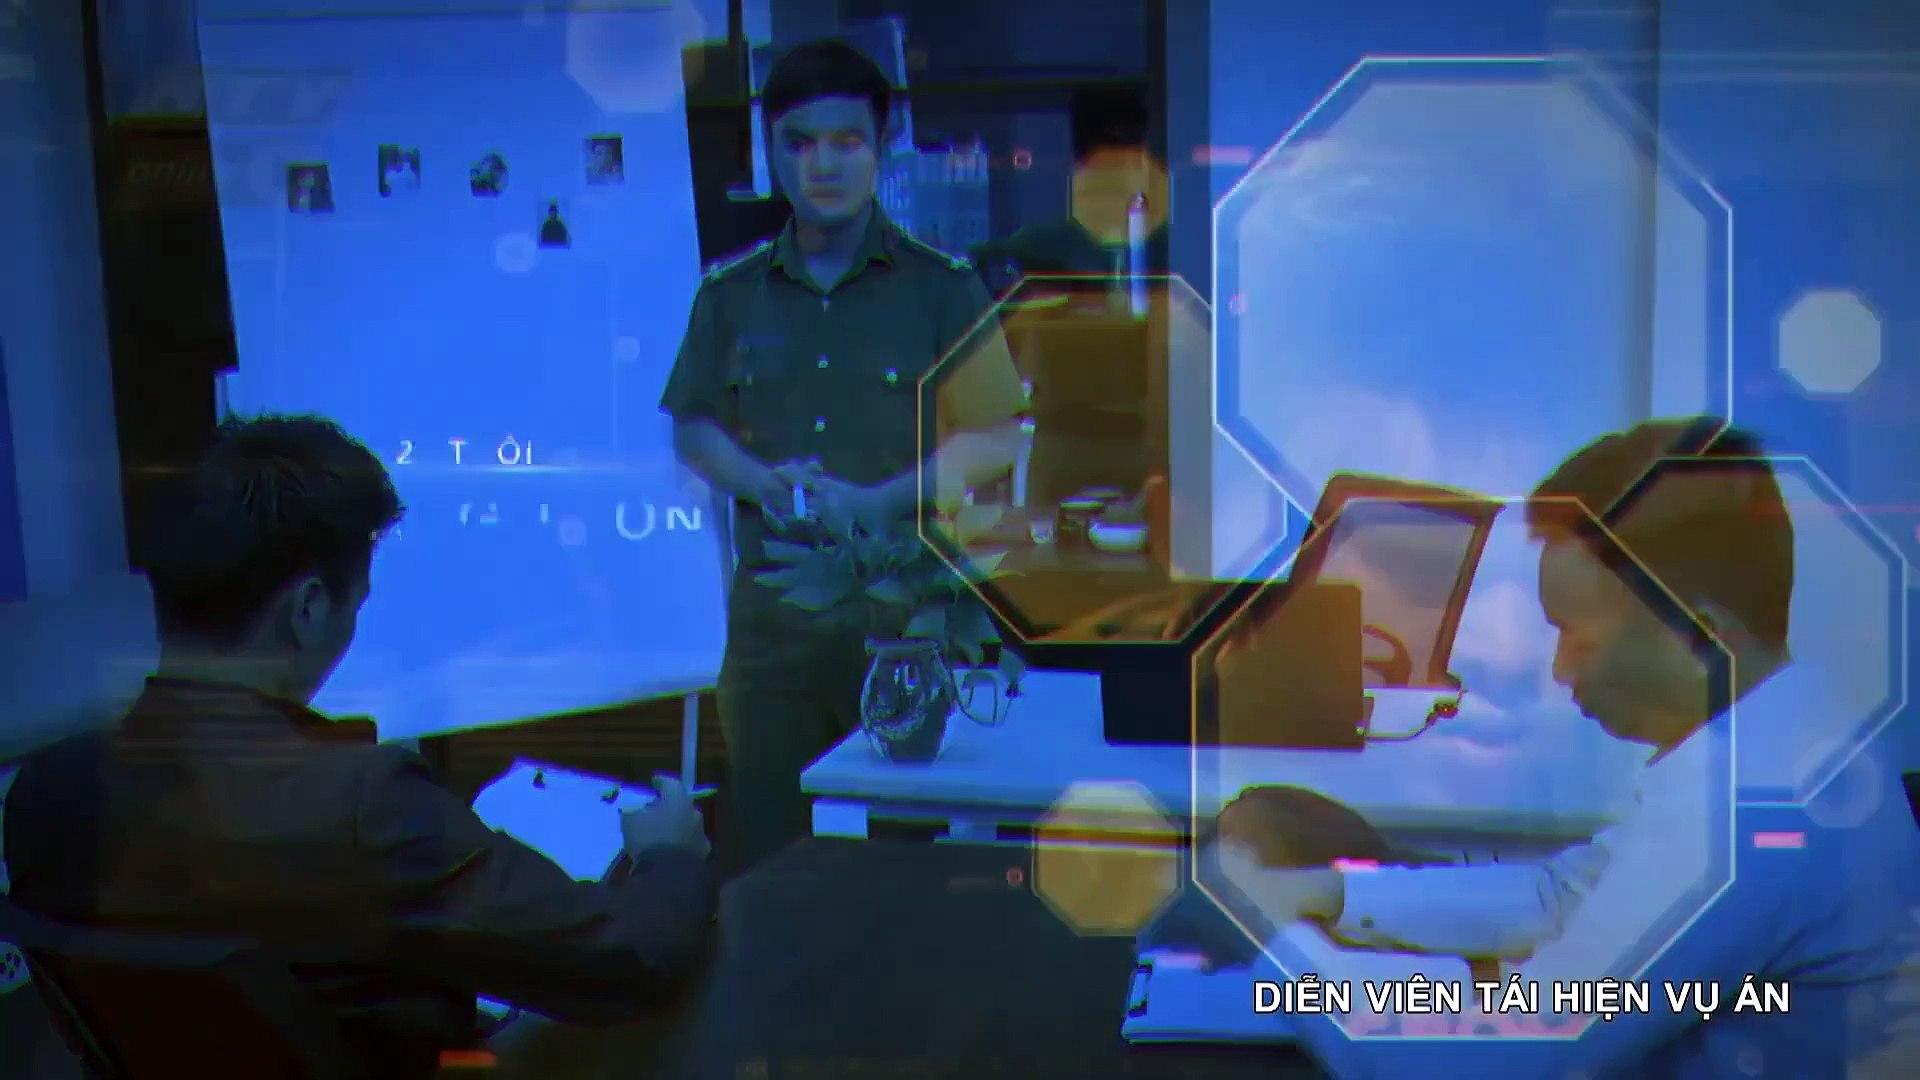 LẦN THEO DẤU VẾT- Kế hoạch đại bàng FULL - HTV LTDV